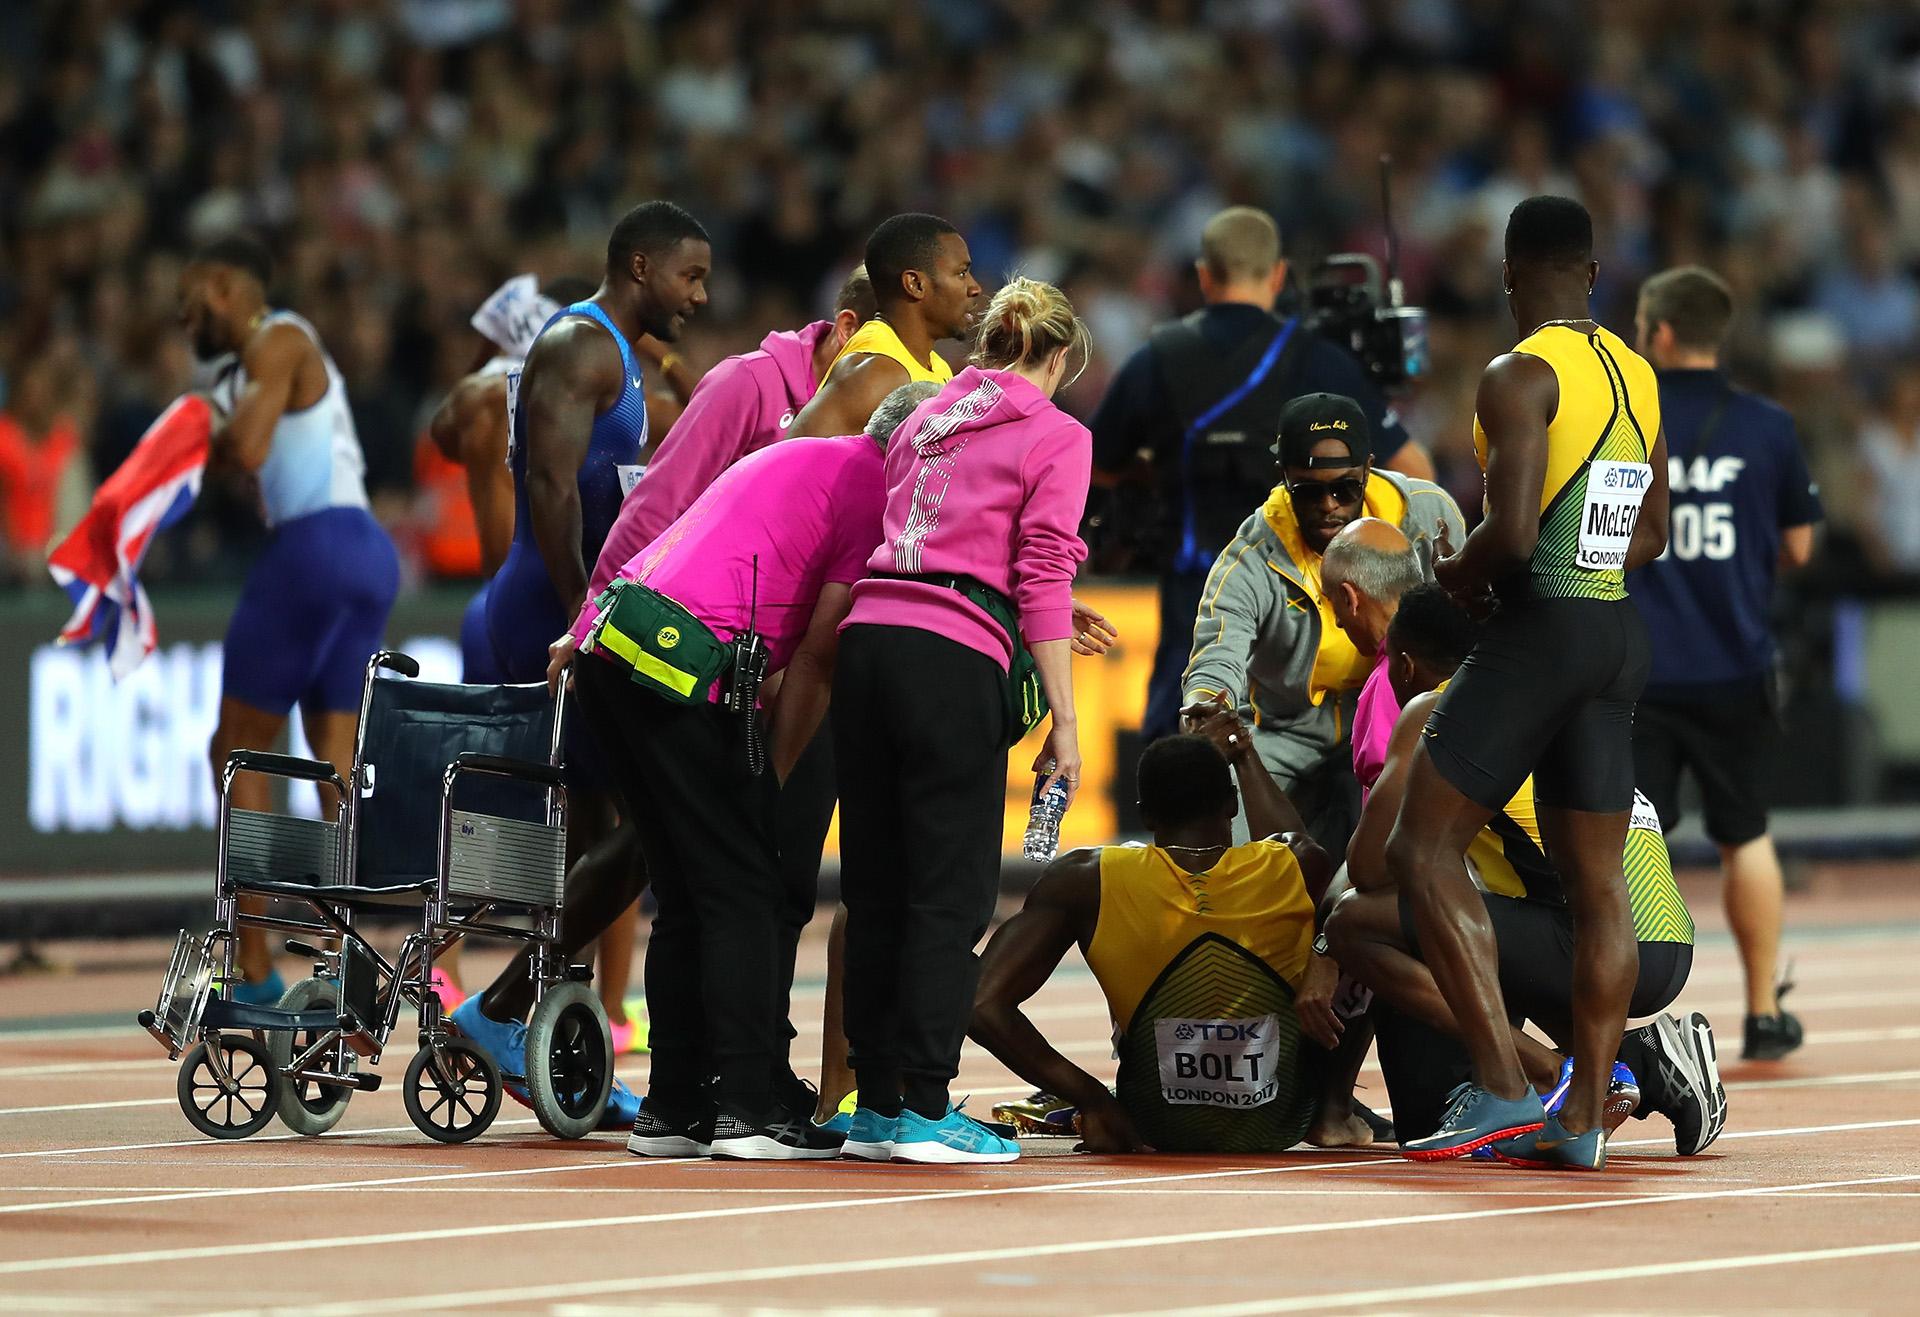 Ayudan a levantarse a Bolt; en el fondo, celebra Gran Bretaña